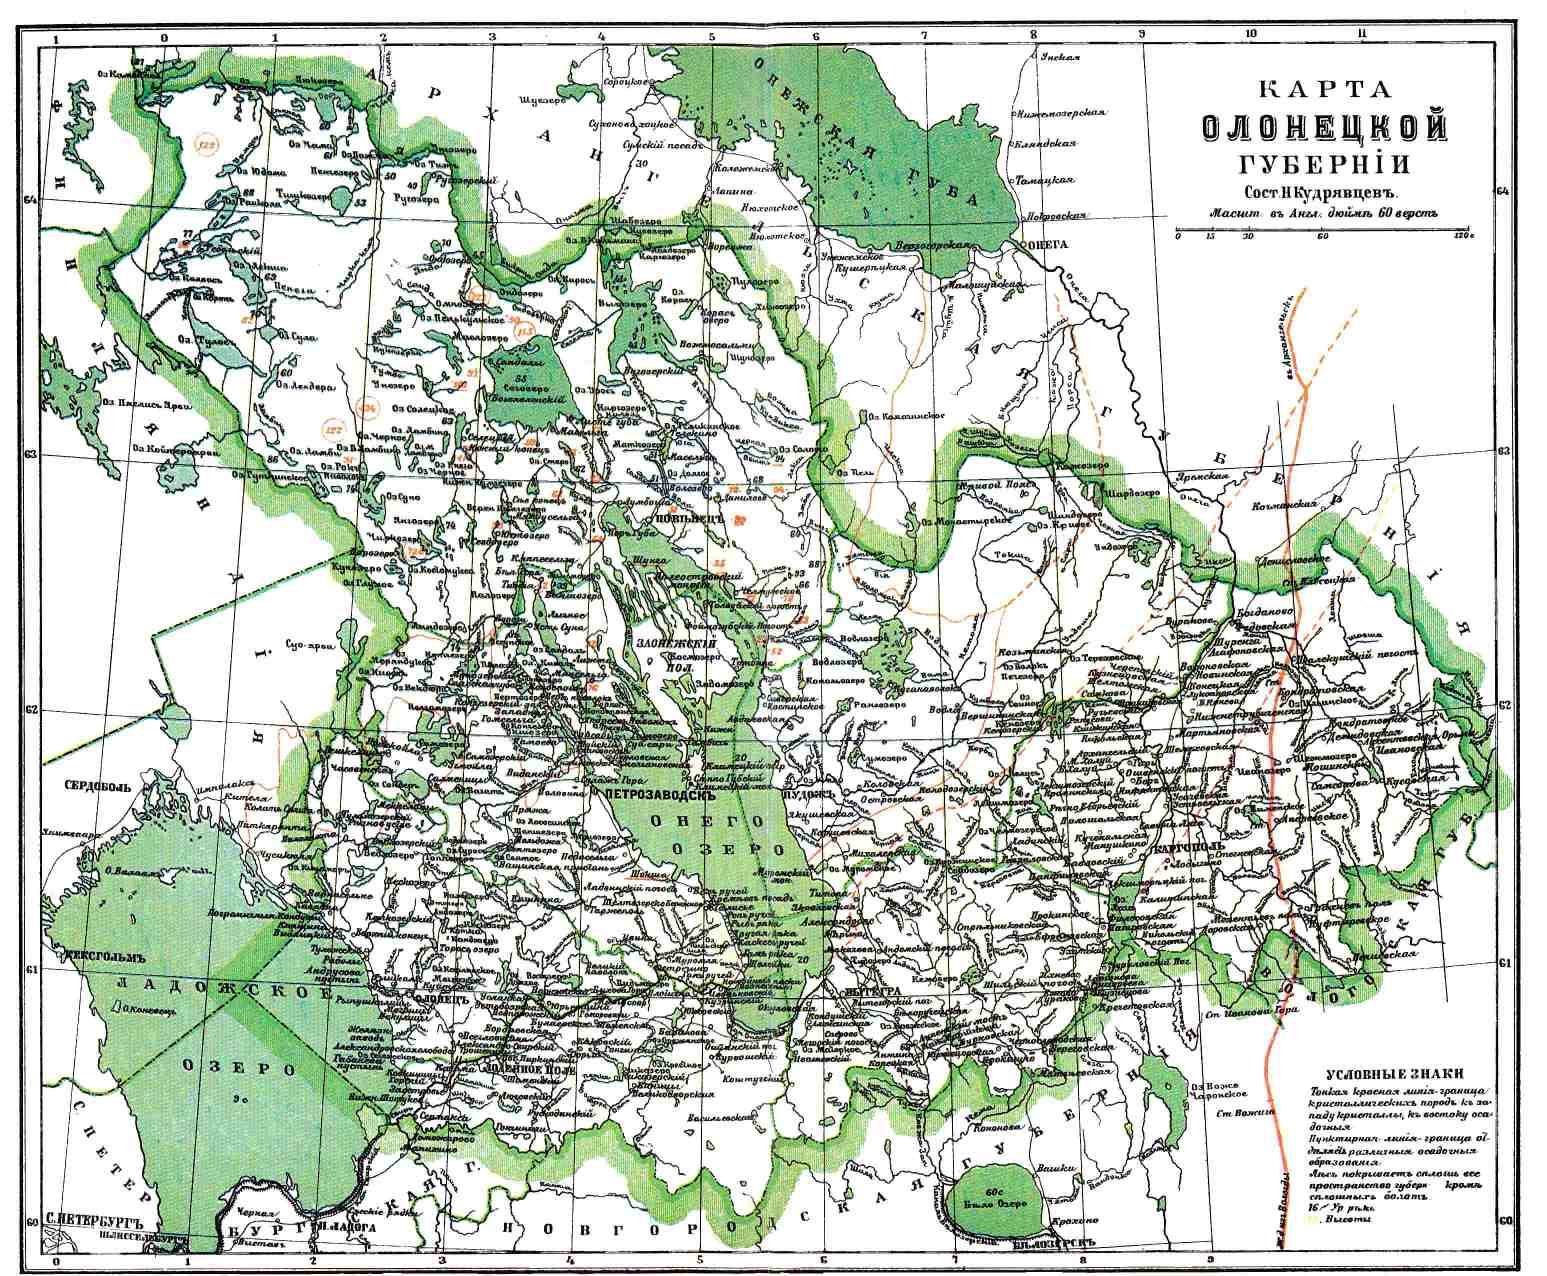 схема железнодорожных путей в томске в сороковые годы